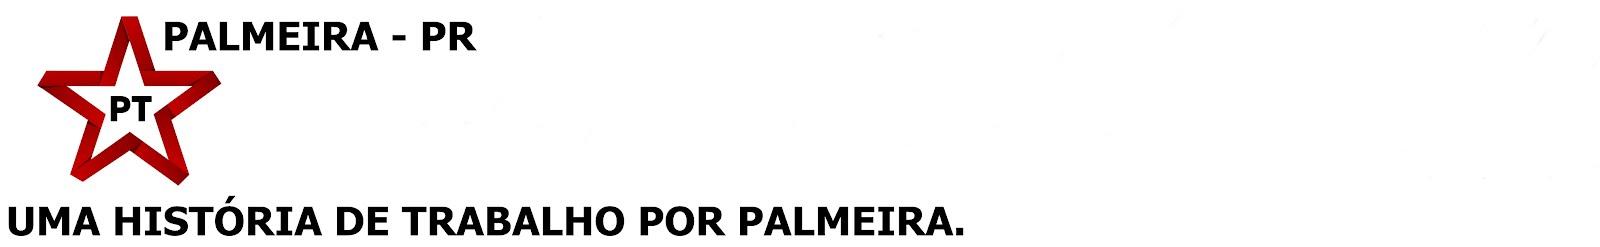 PT 13 Palmeira - PR